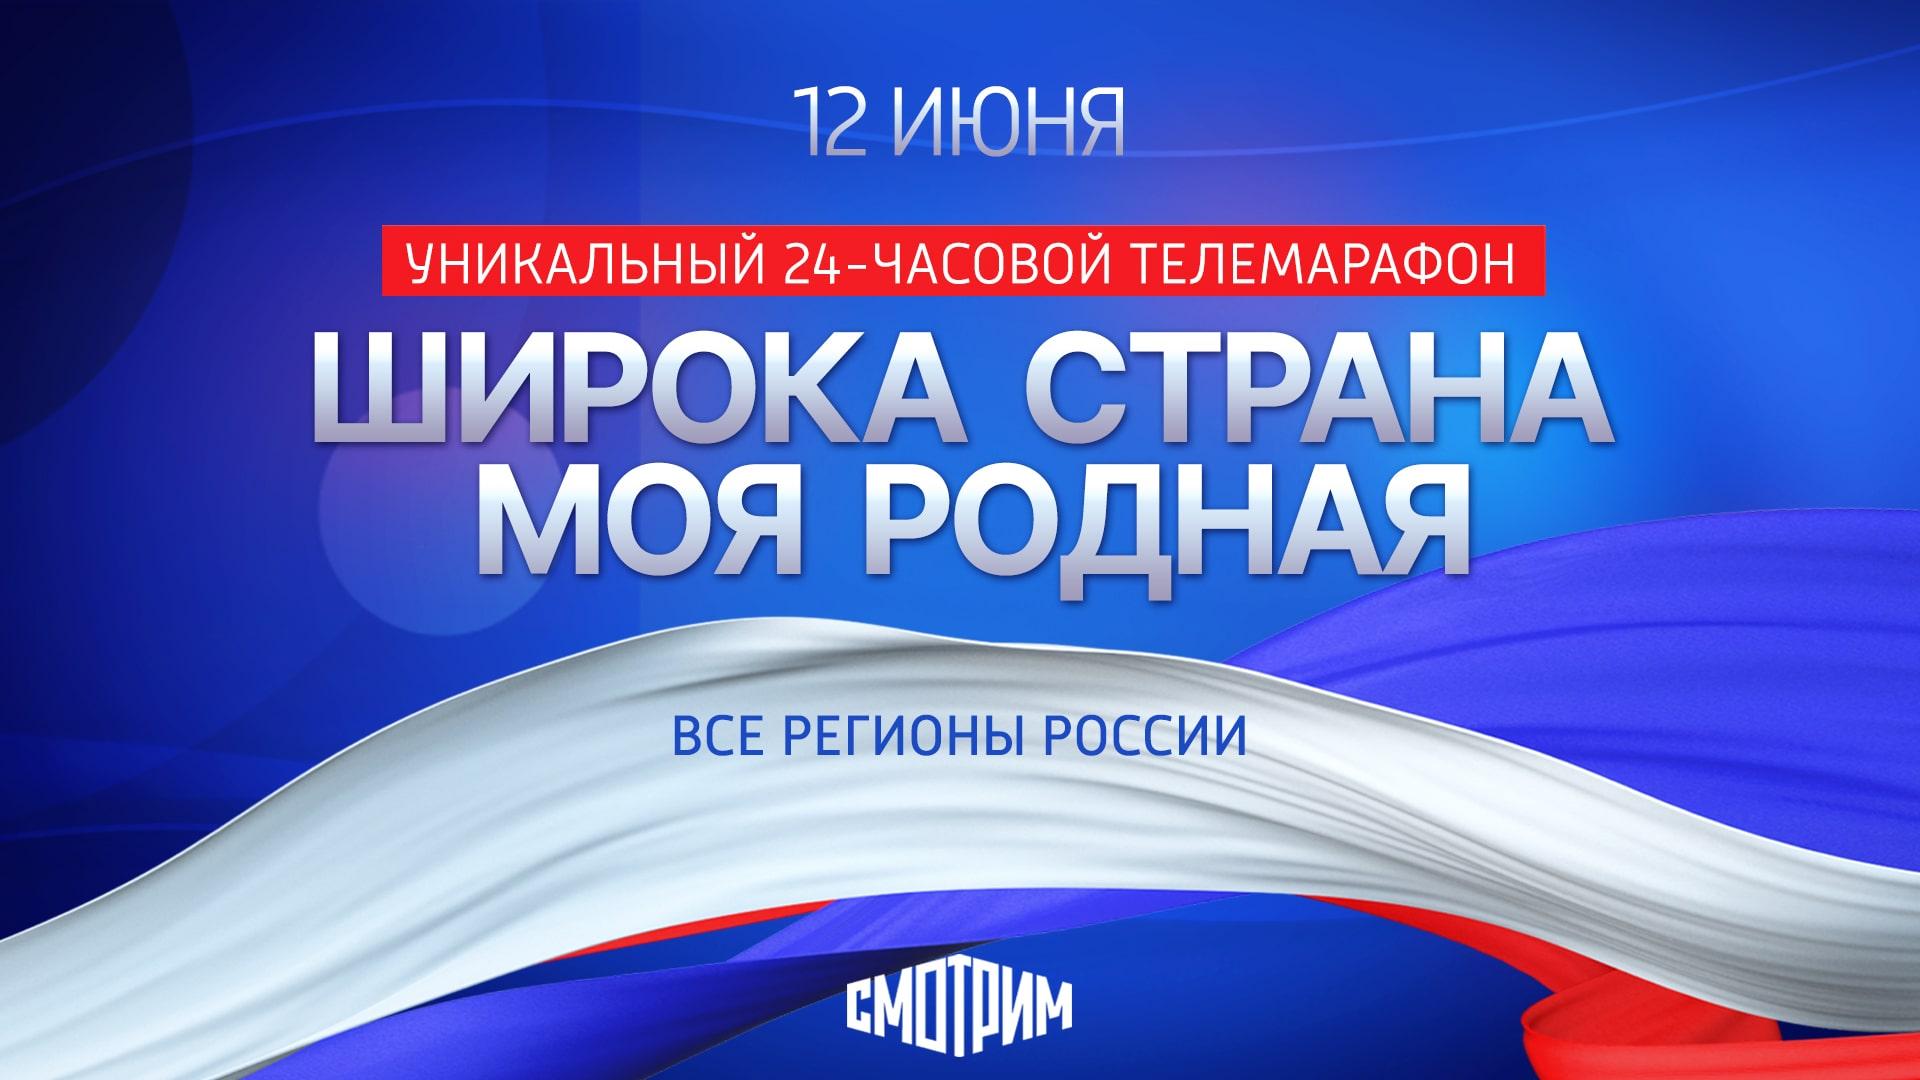 «Широка страна моя родная». Стартовал 24-часовой онлайн-марафон, посвященный Дню России.